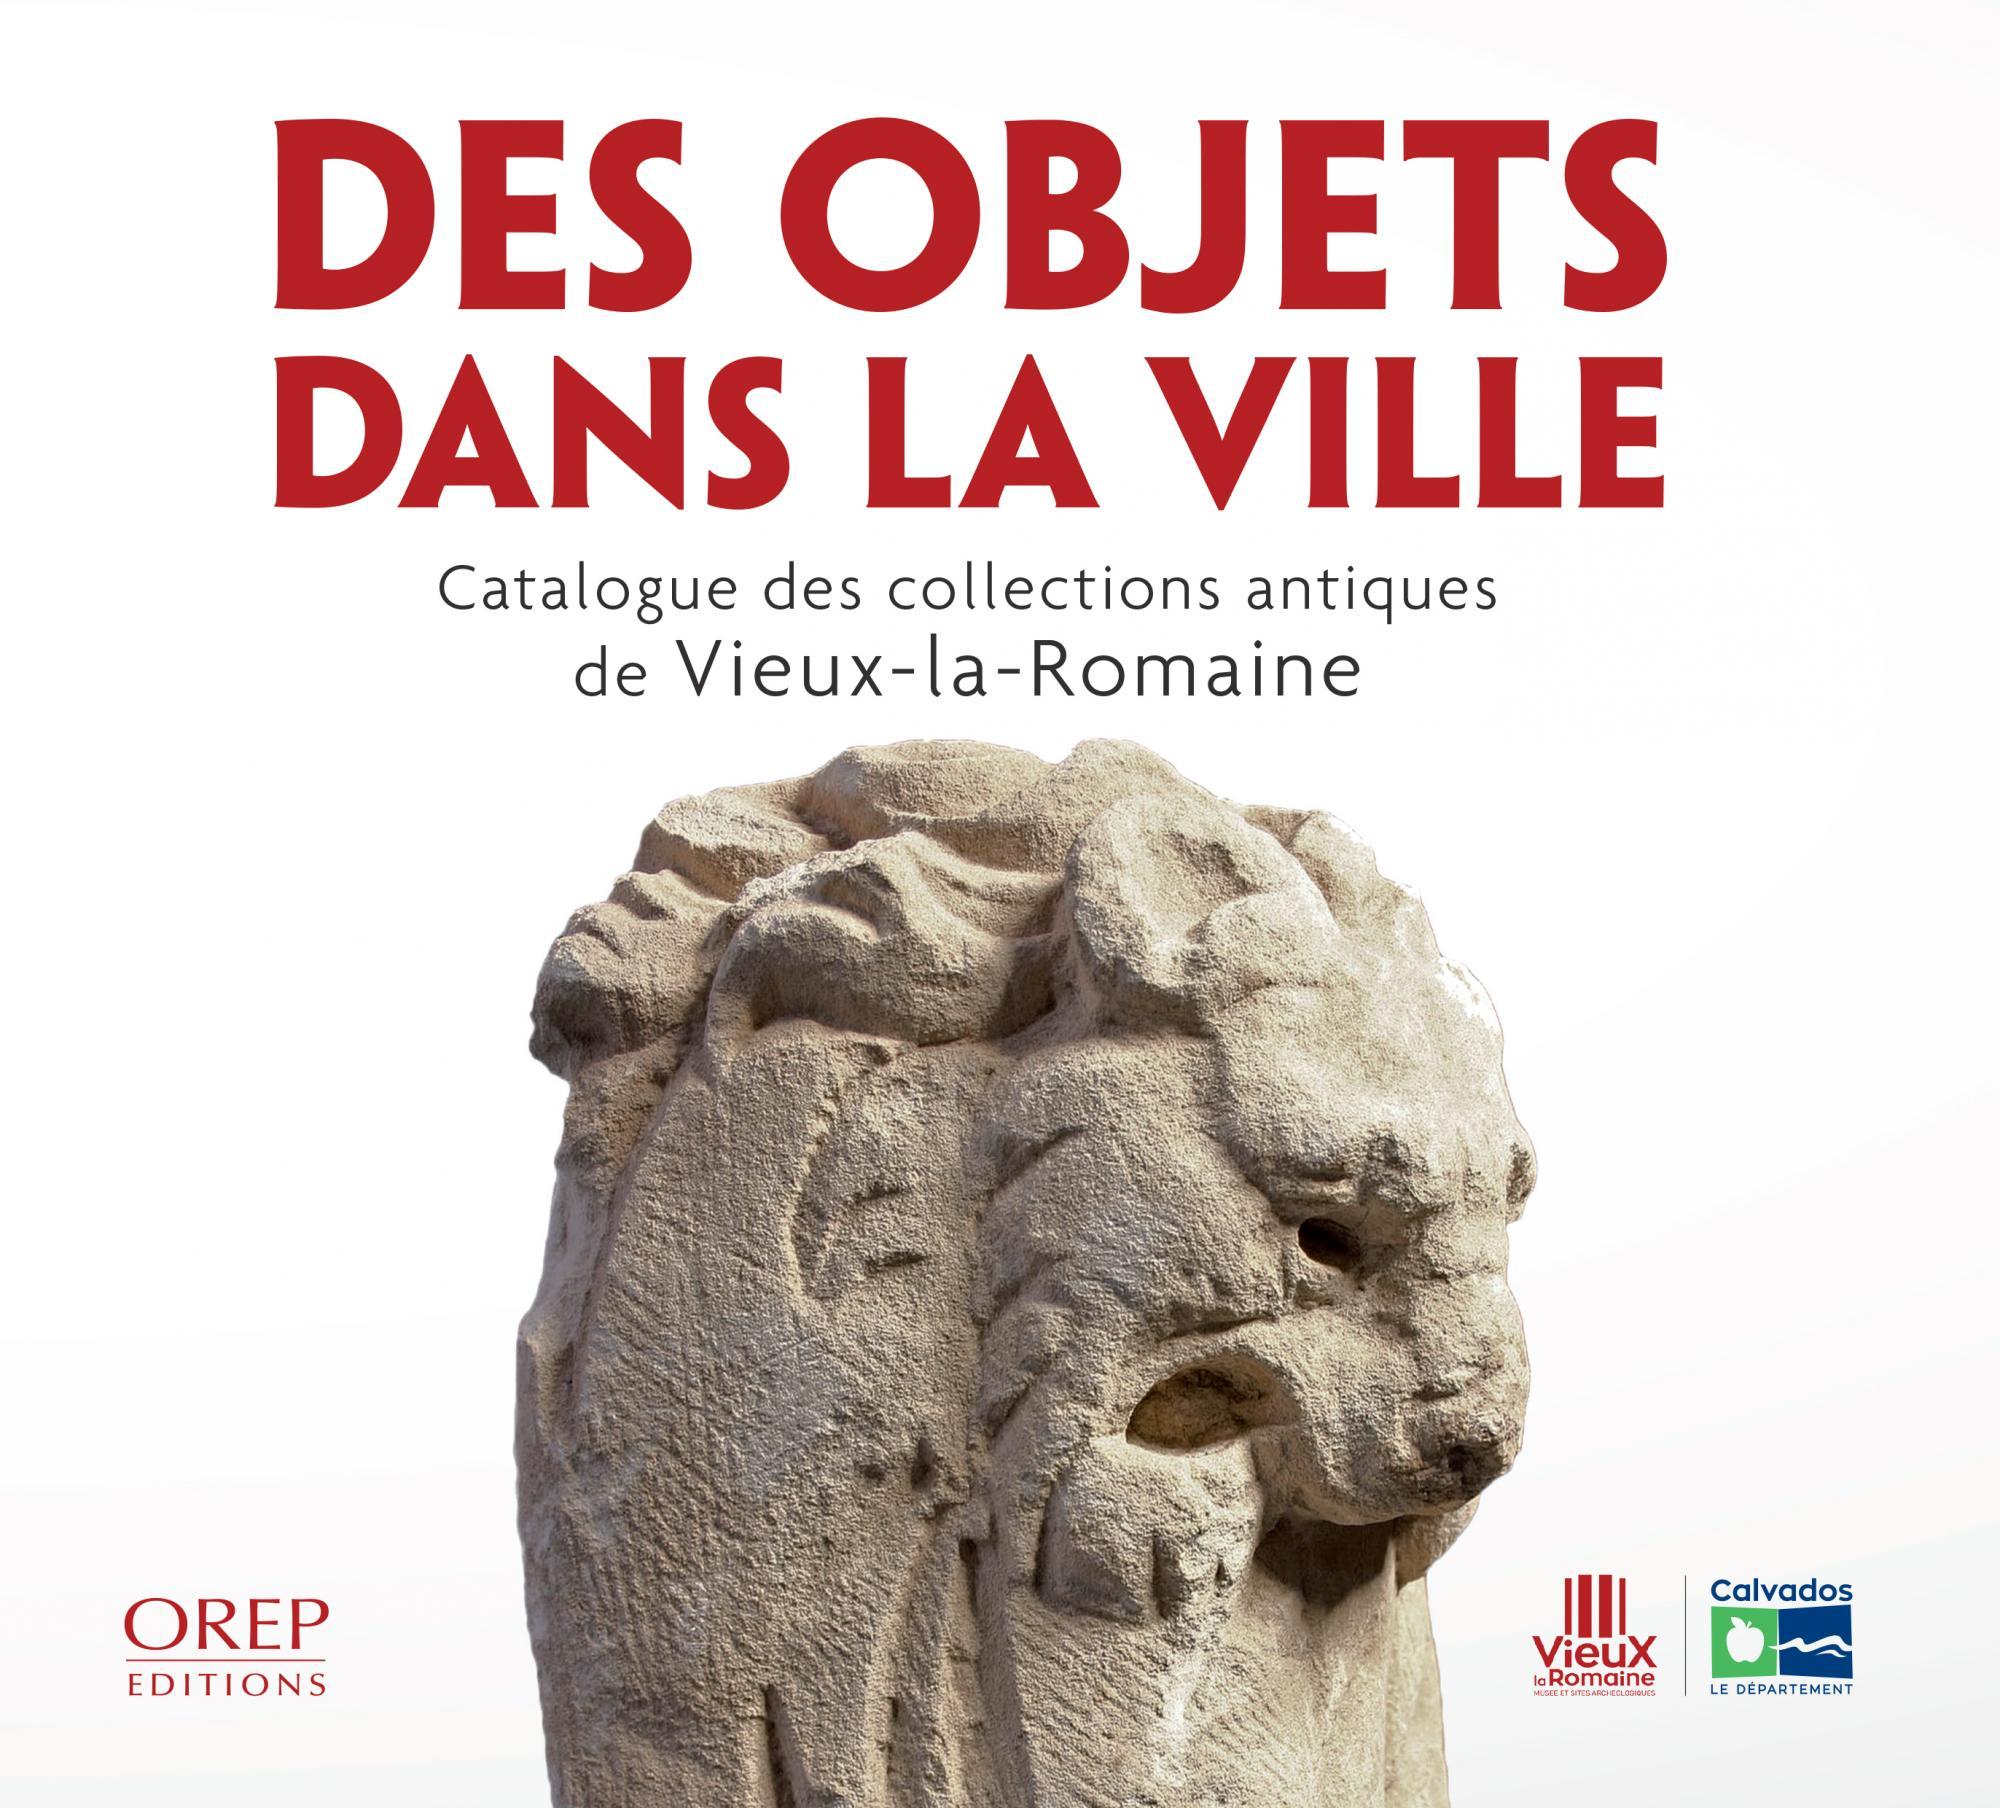 Des objets dans la ville : catalogue des collections antiques de Vieux-la-Romaine